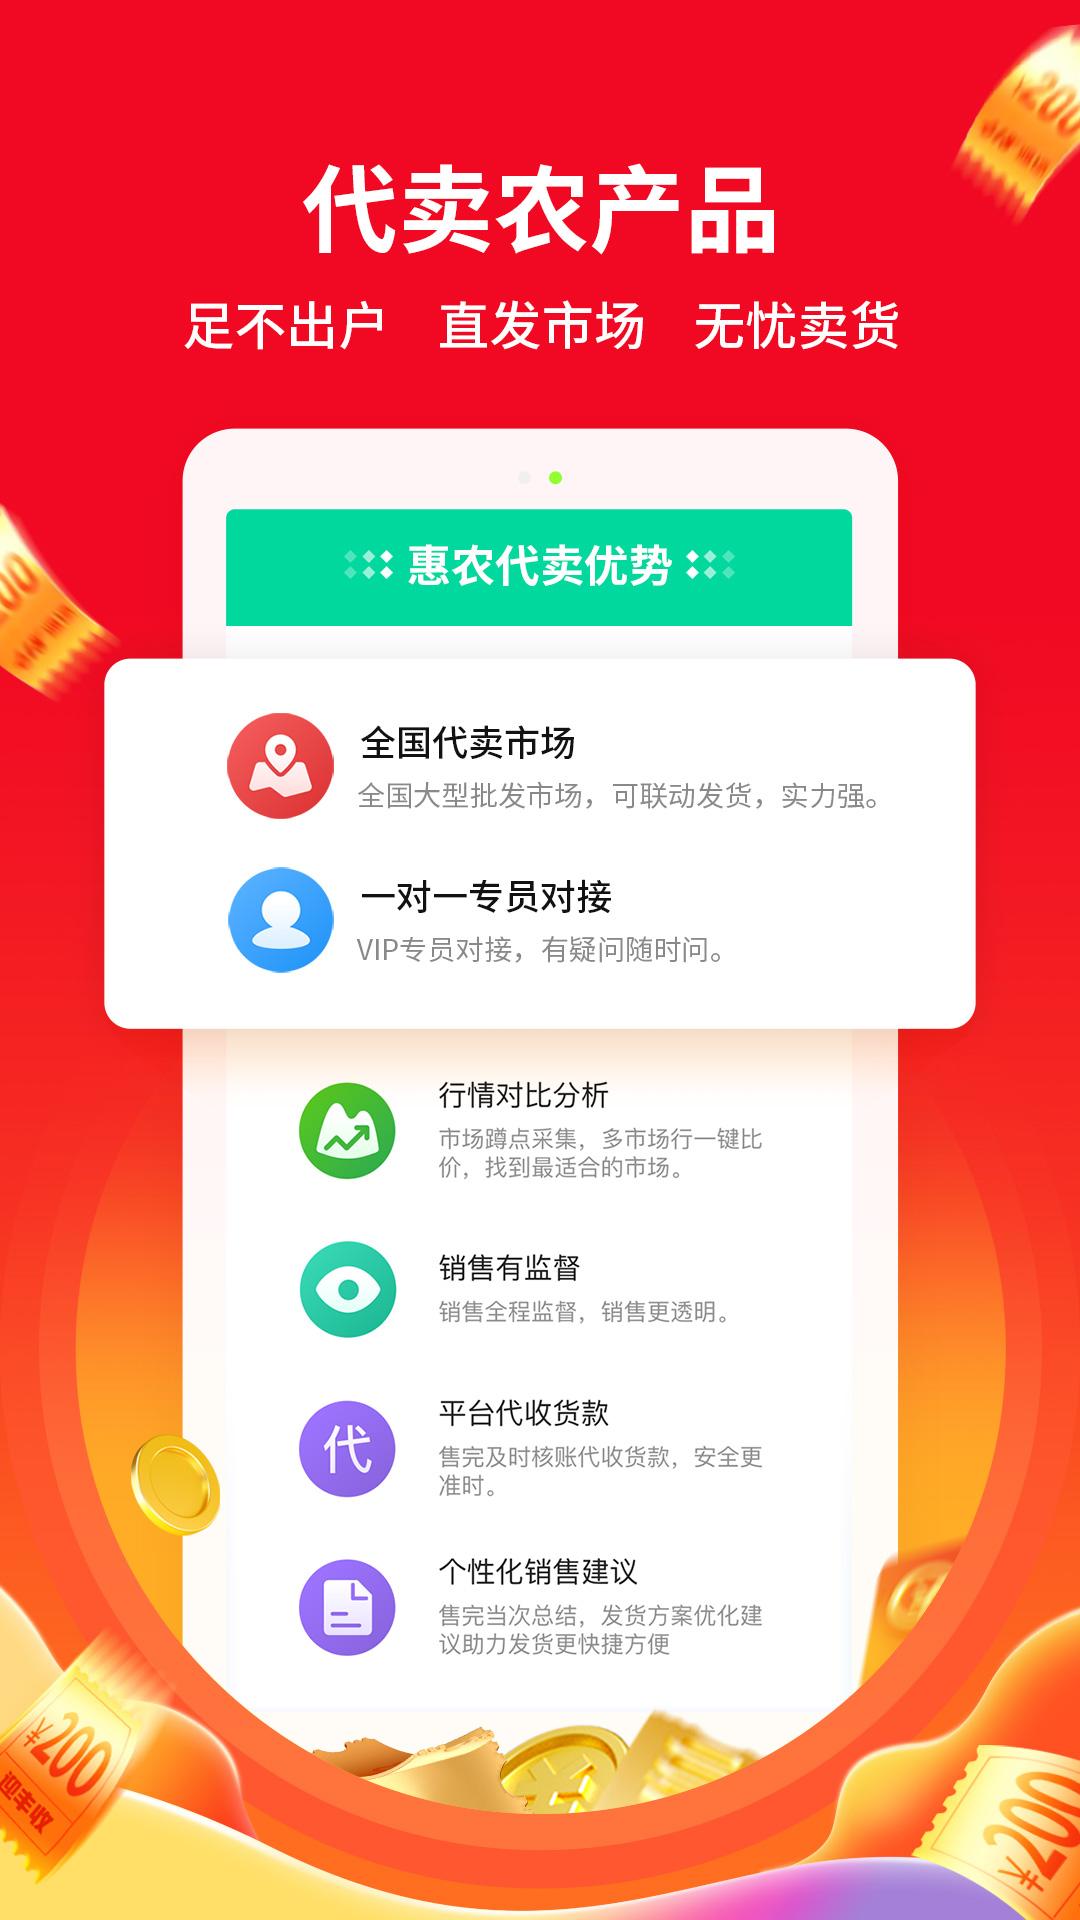 惠农网 APP截图